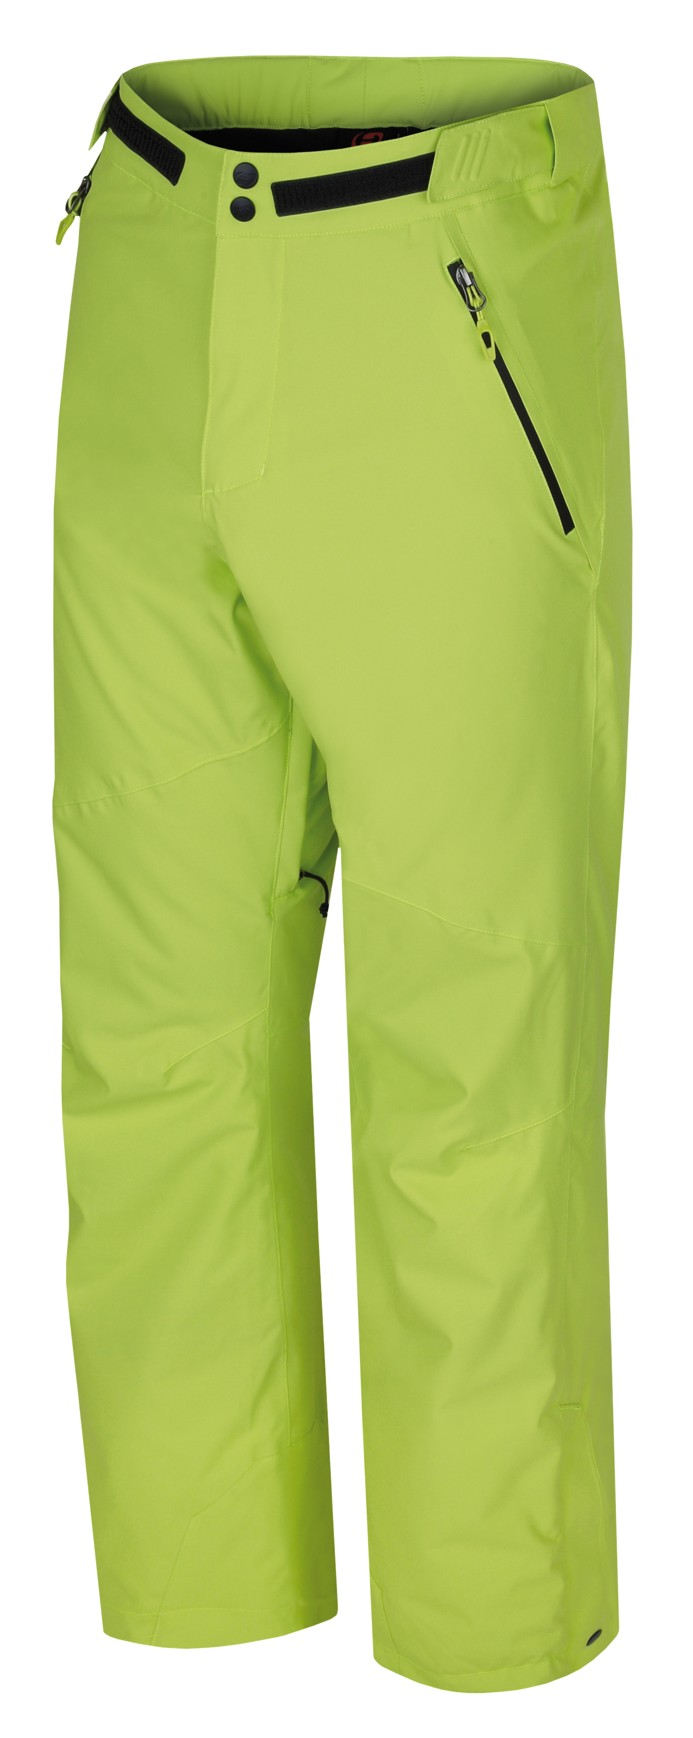 Pantaloni schi barbati Hannah Park Verde Lime imagine